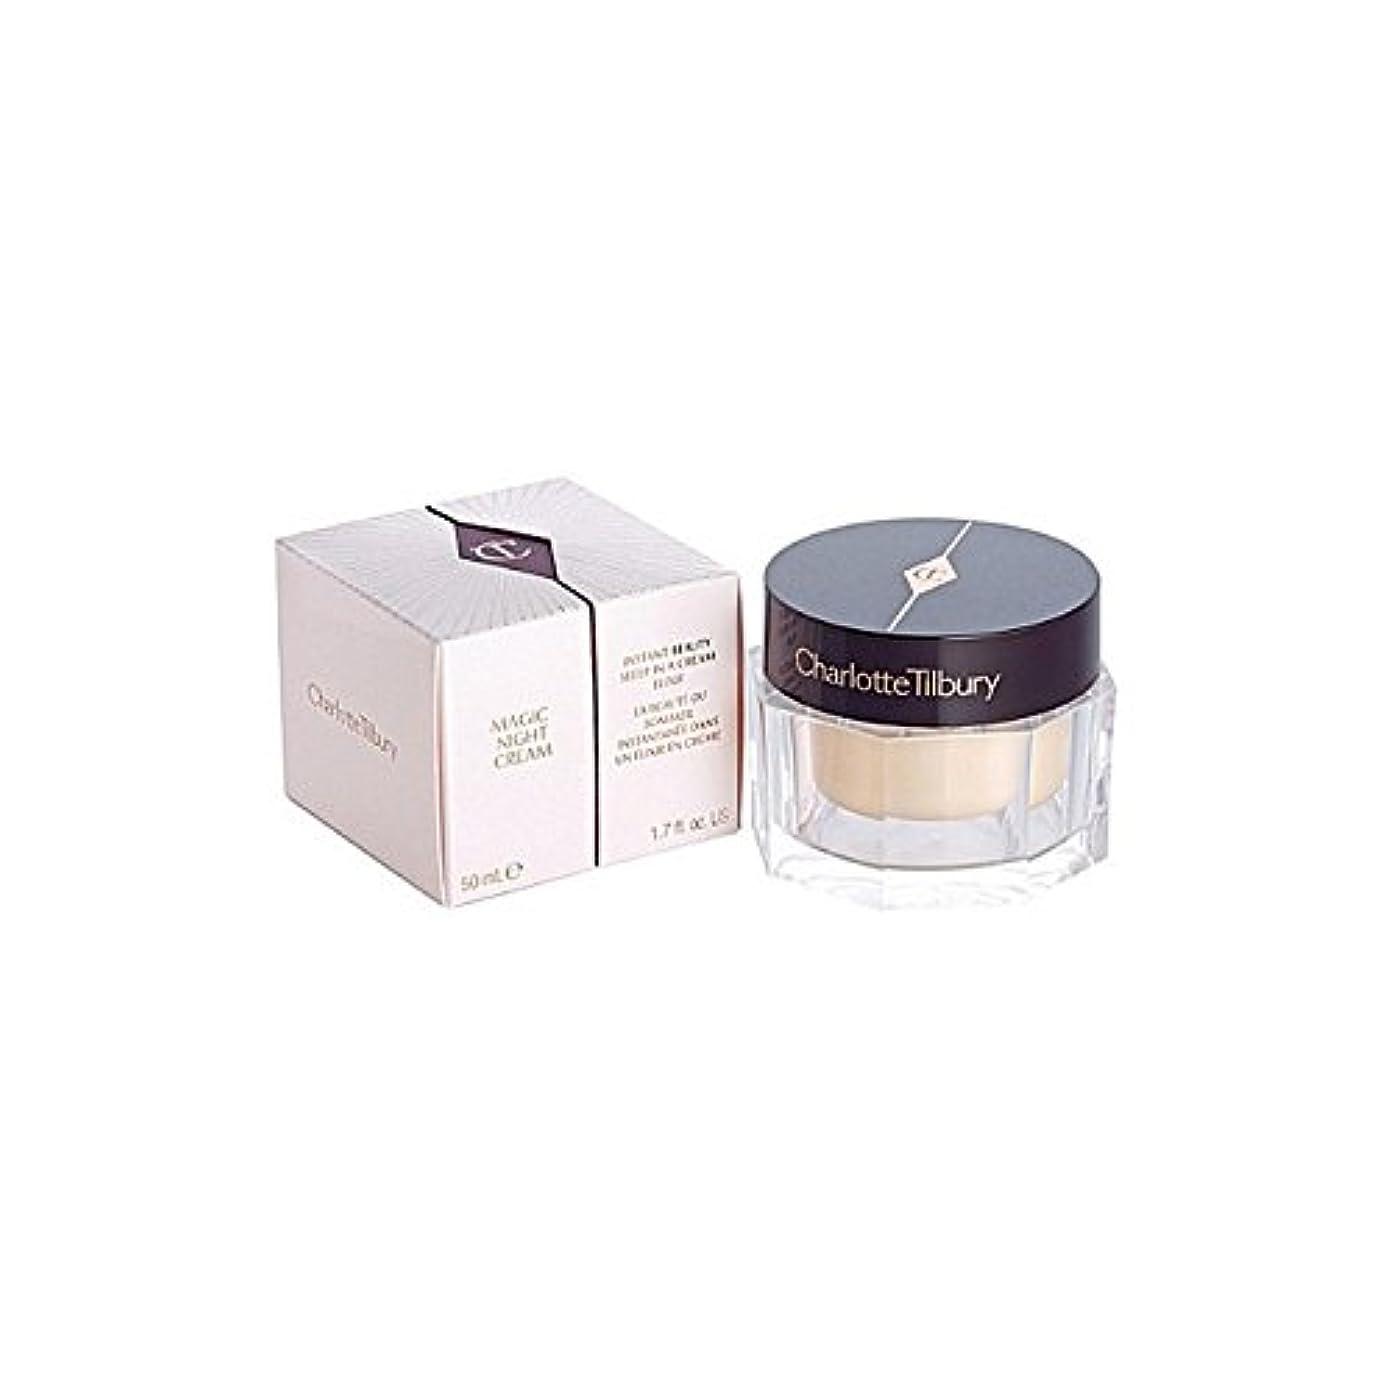 しっとりランドリー気付くシャーロットティルバリーマジックナイトレスキュークリーム50 x4 - Charlotte Tilbury Magic Night Rescue Cream 50Ml (Pack of 4) [並行輸入品]